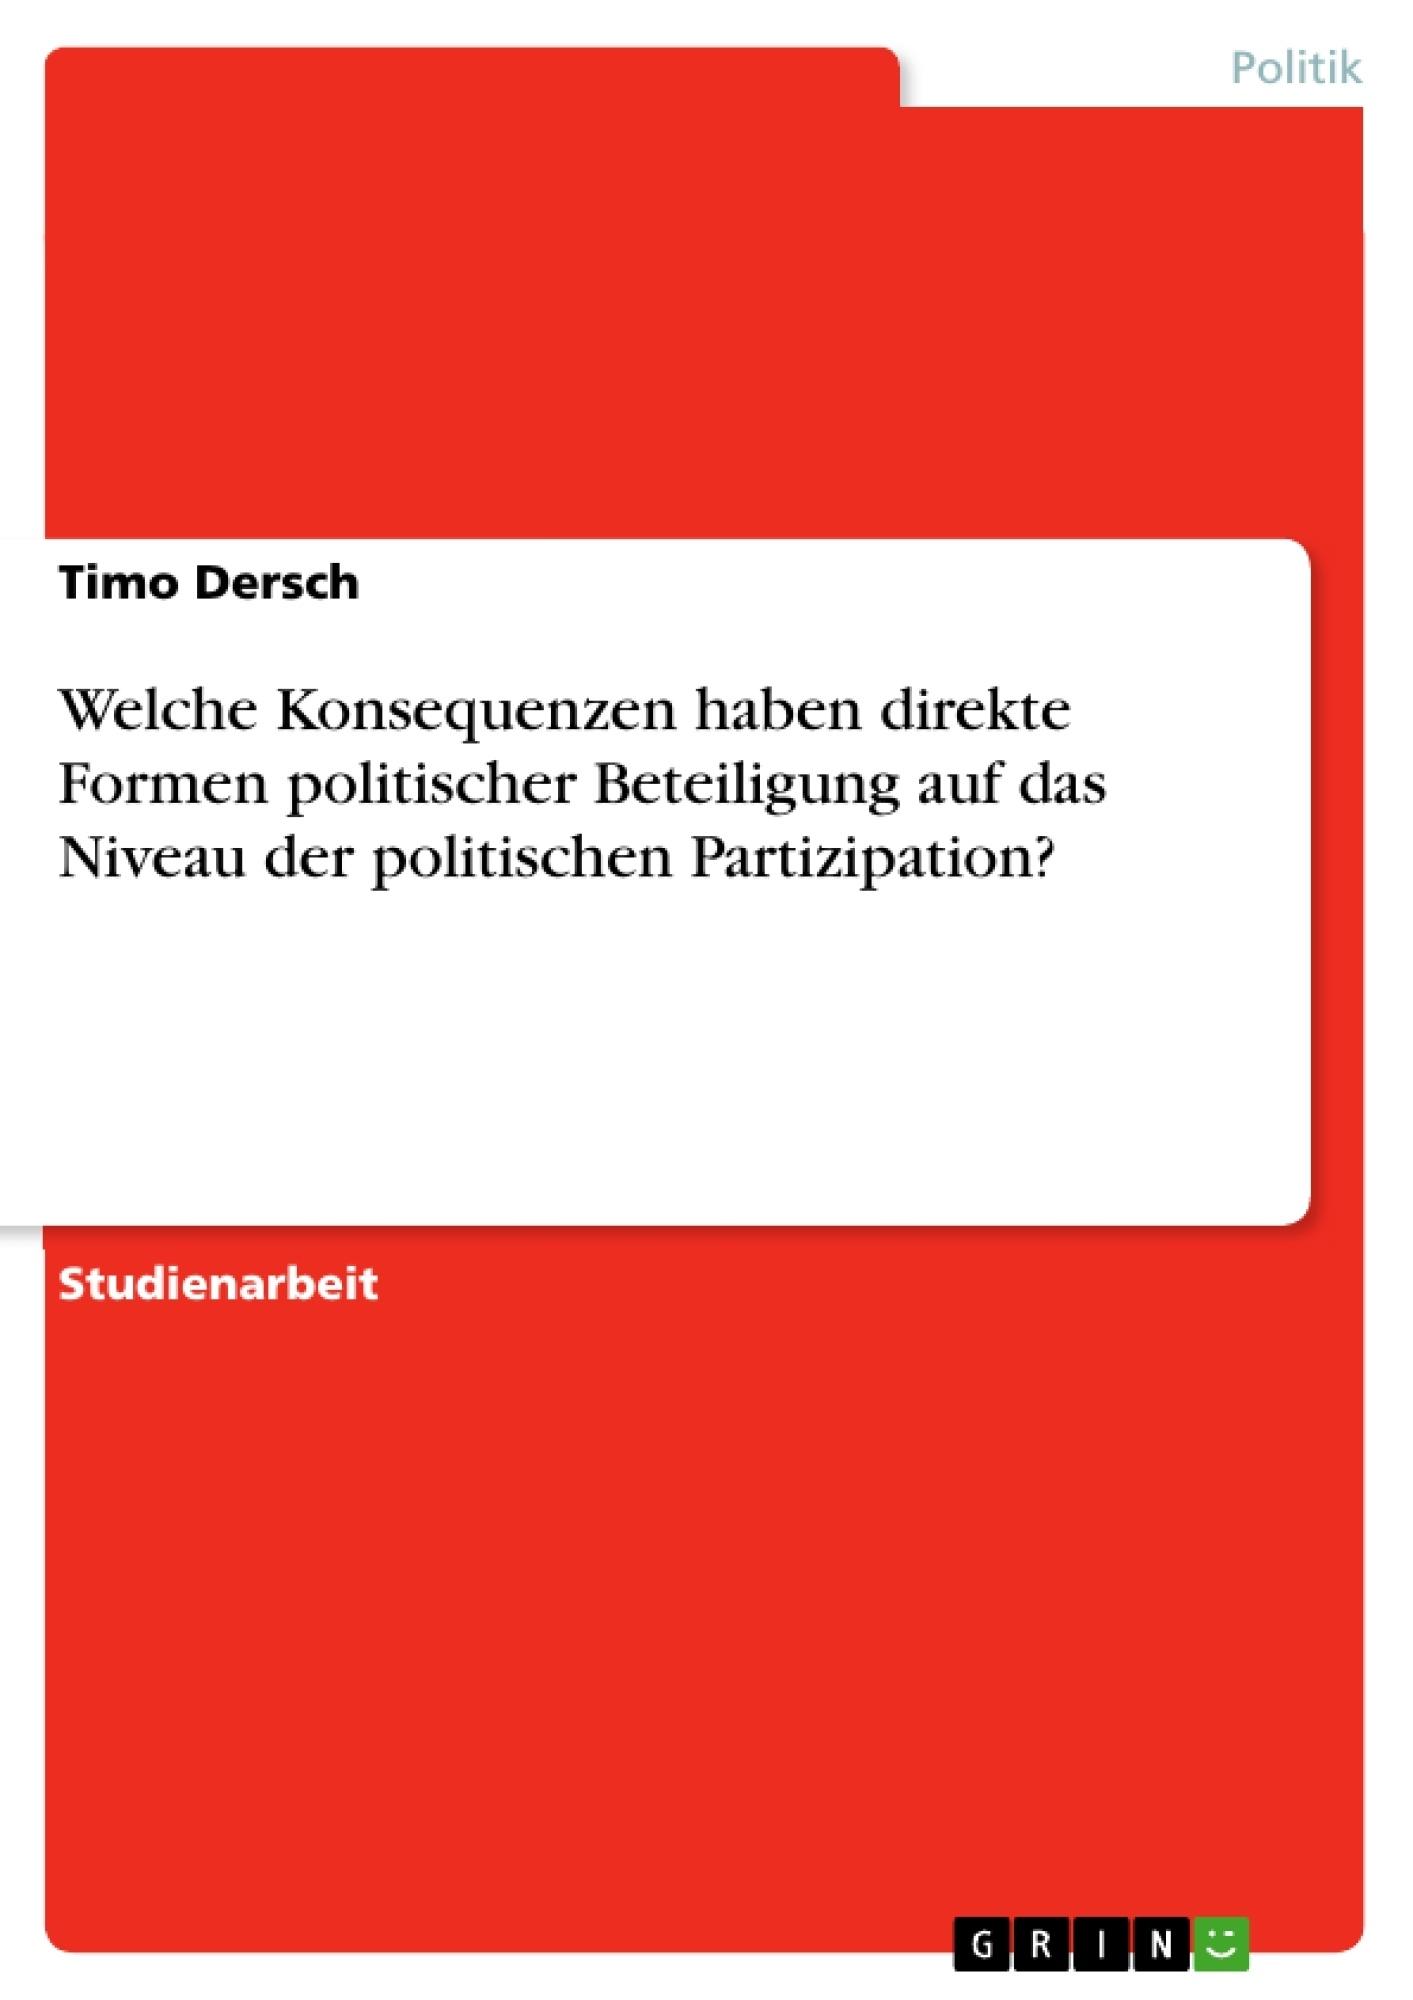 Titel: Welche Konsequenzen haben direkte Formen politischer Beteiligung auf das Niveau der politischen Partizipation?